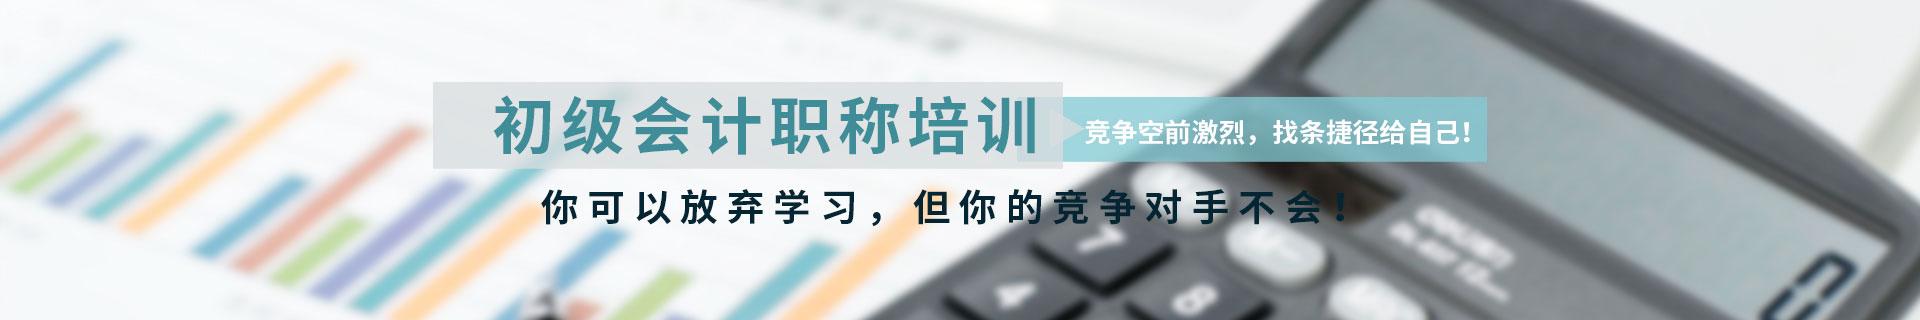 北京朝阳区高顿财经教育学校